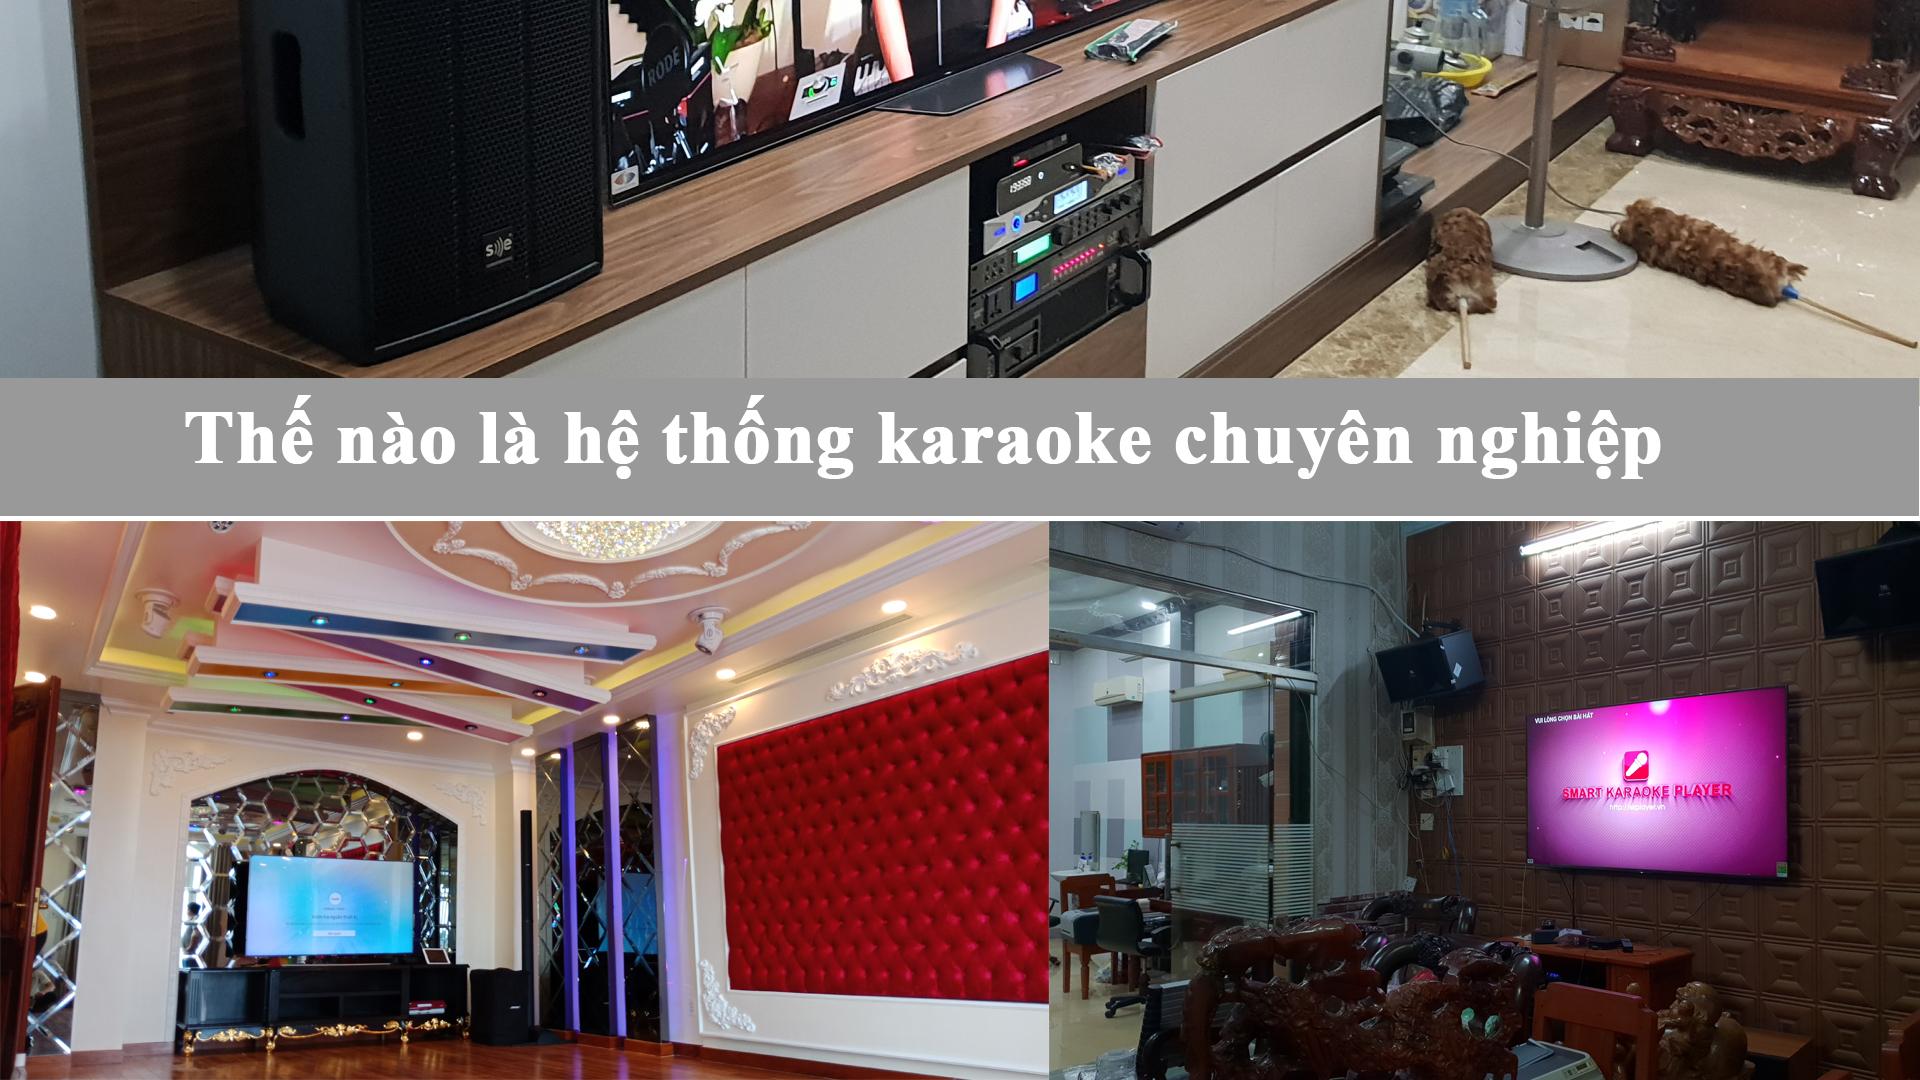 thế nào gọi là bộ dàn karaoke chuyên nghiệp